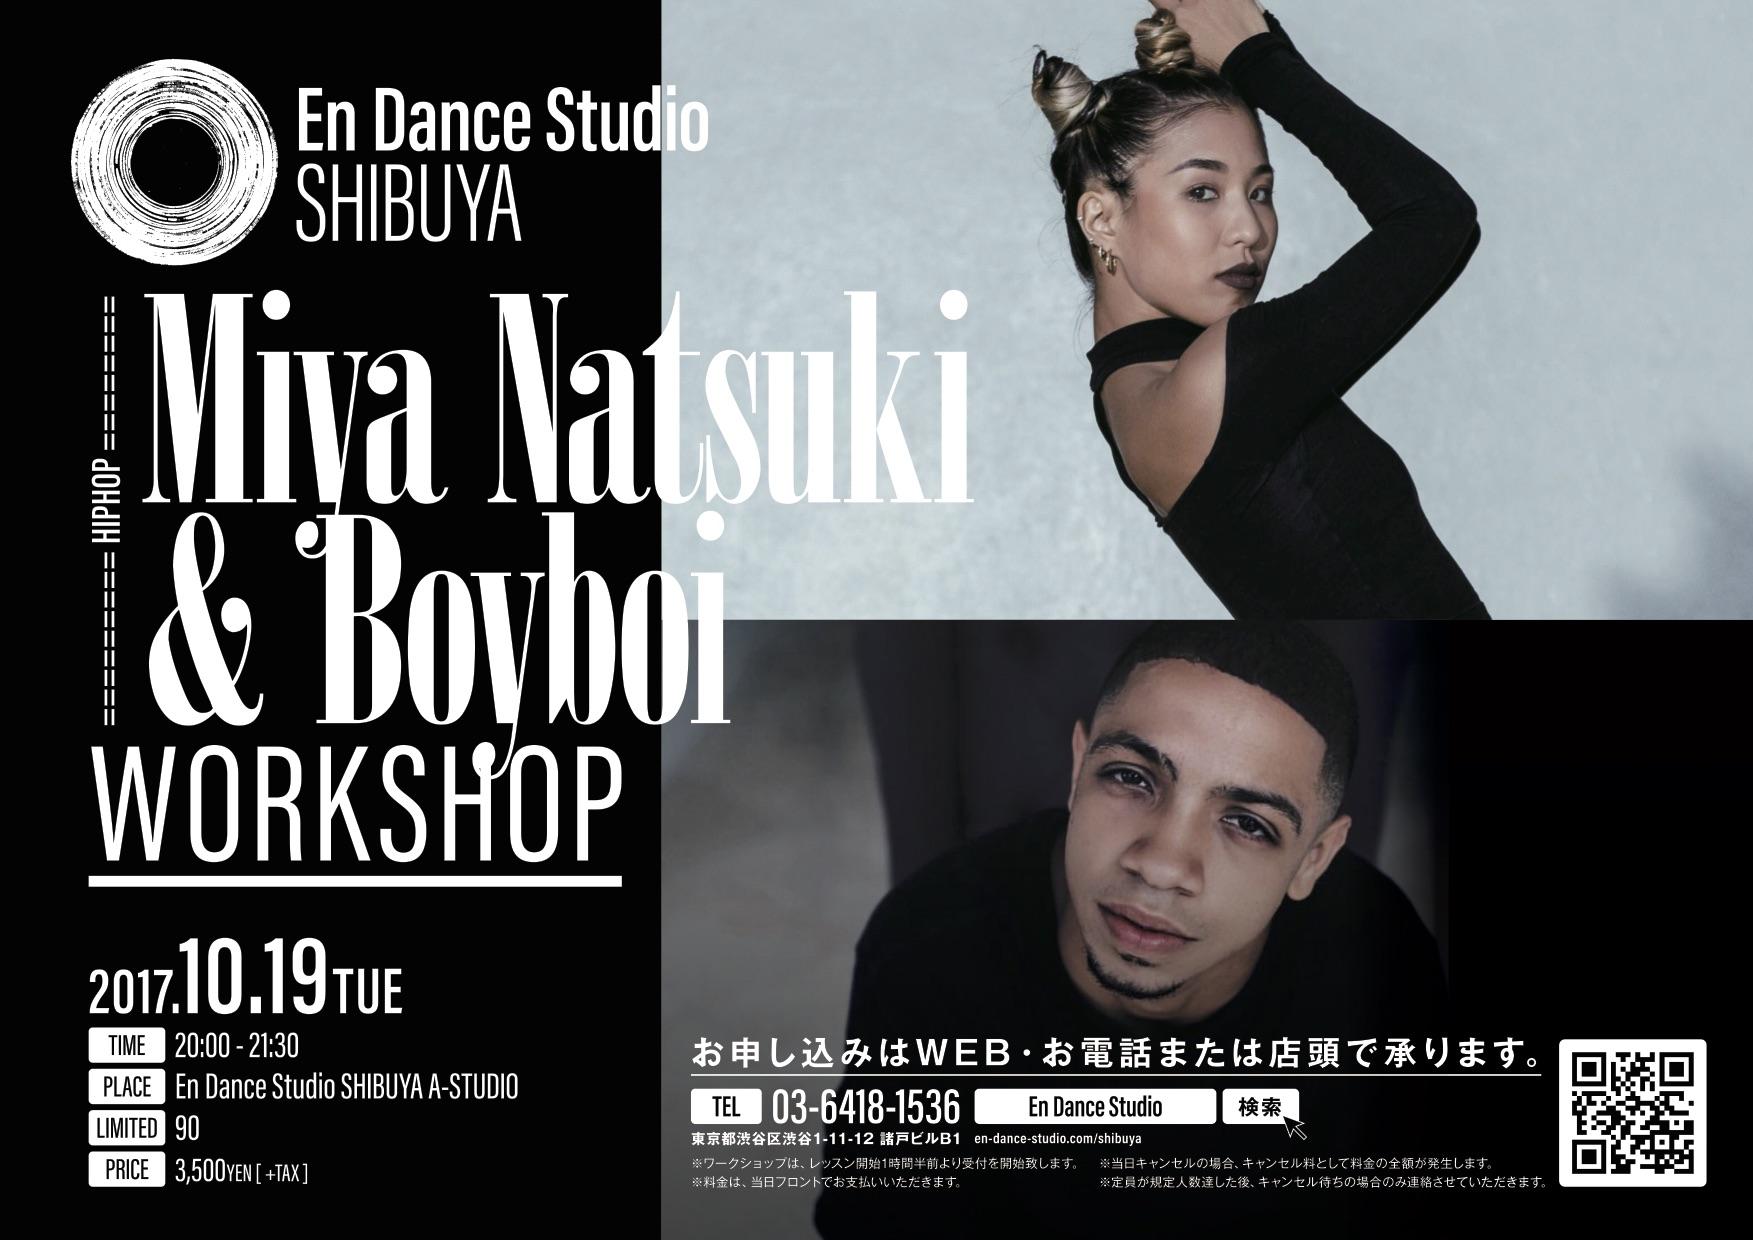 Ae334 Miya Natsuki & Boyboi